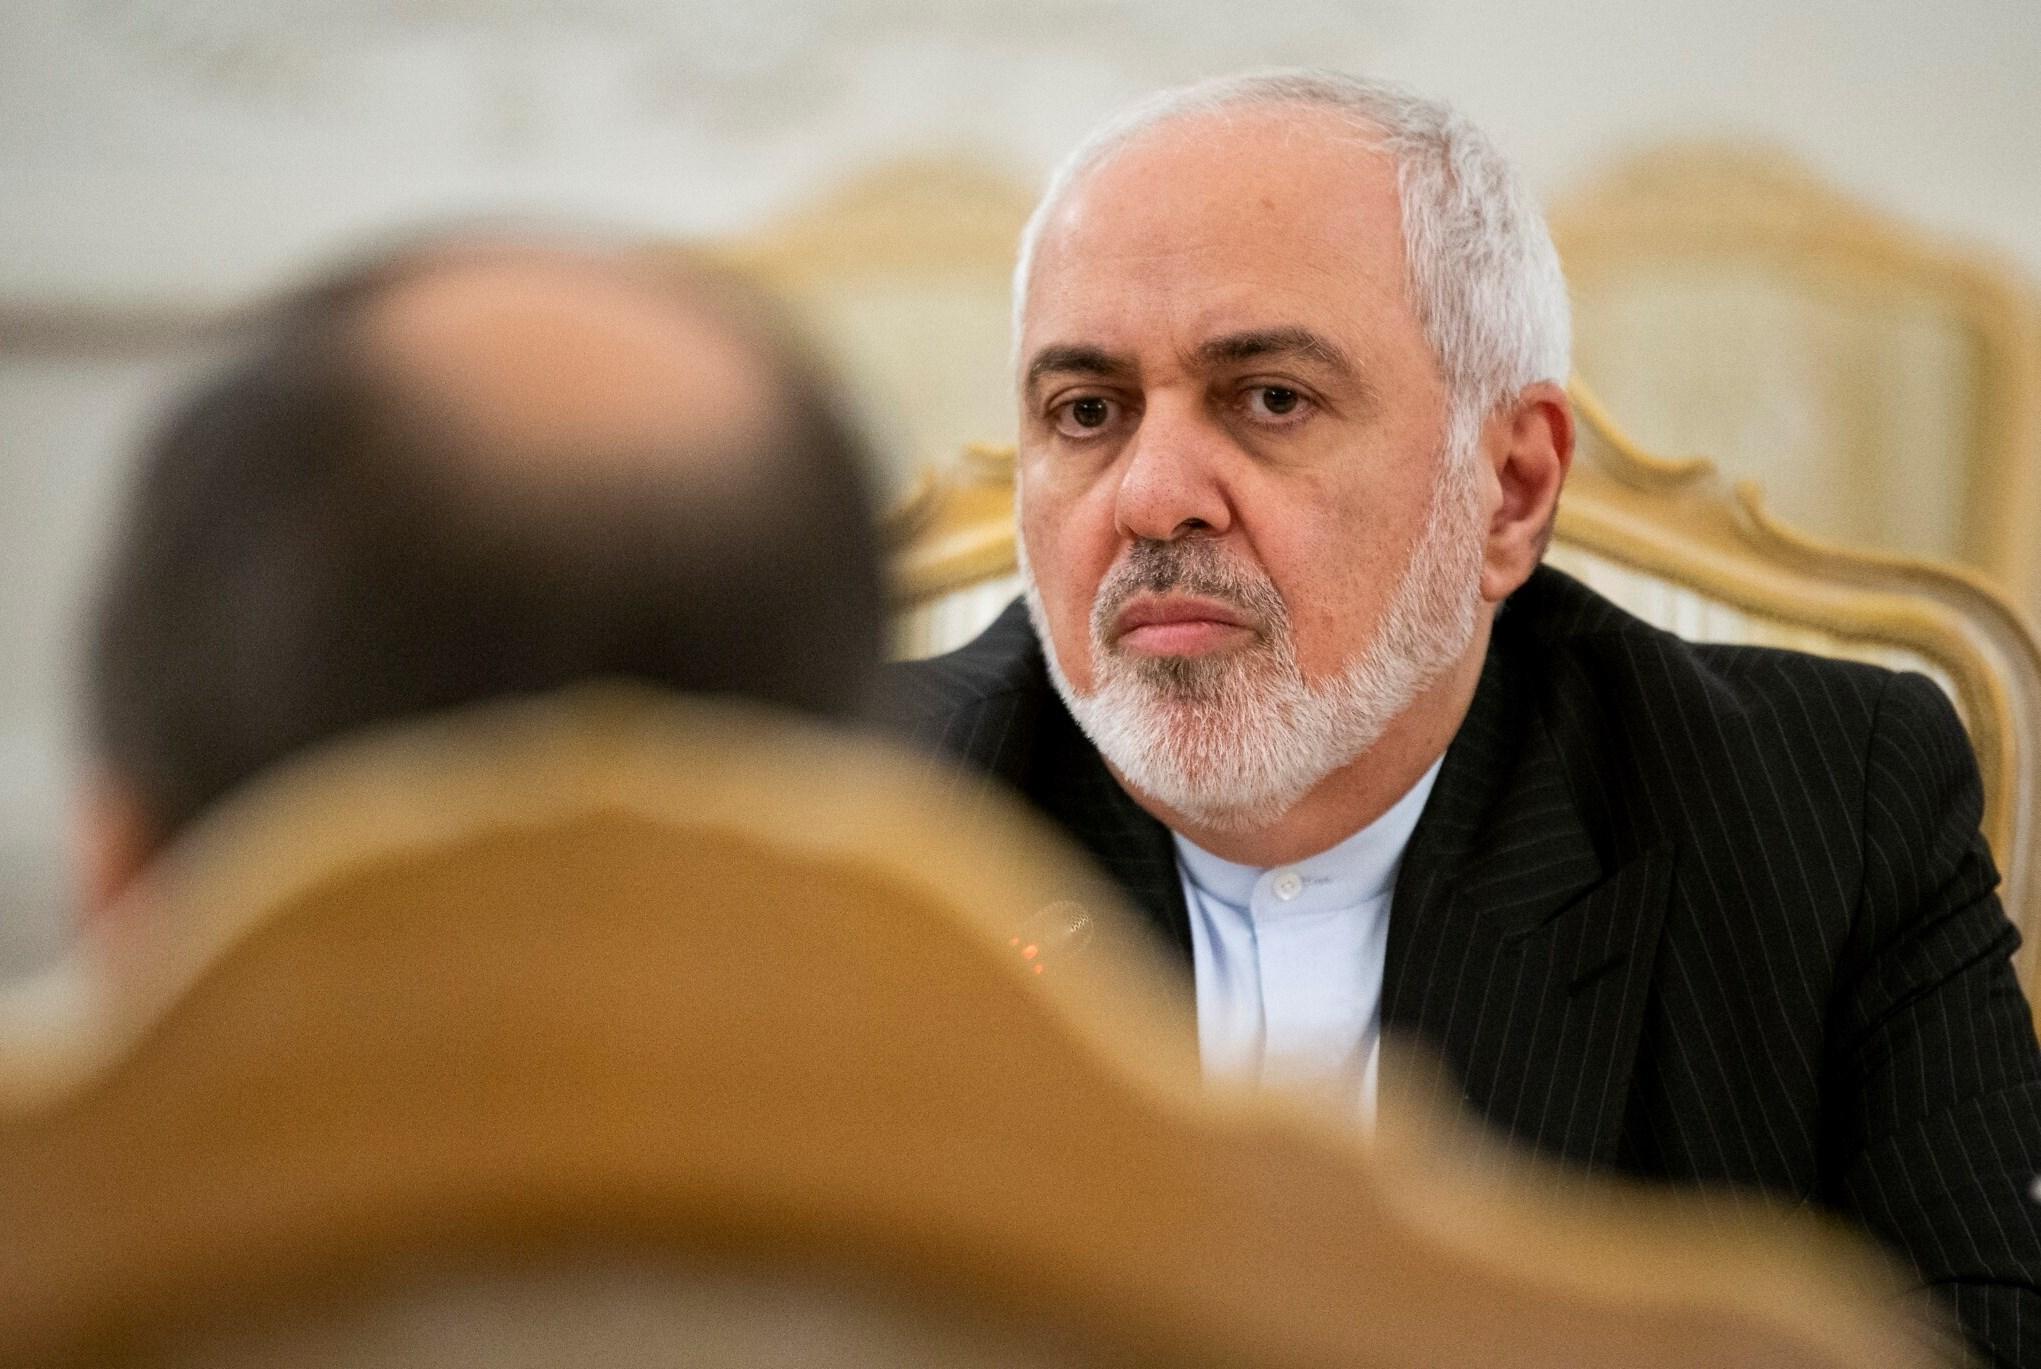 أشار ظريف إلى عرقلة بعض الدول لعملية التسوية السياسية للأزمة السورية